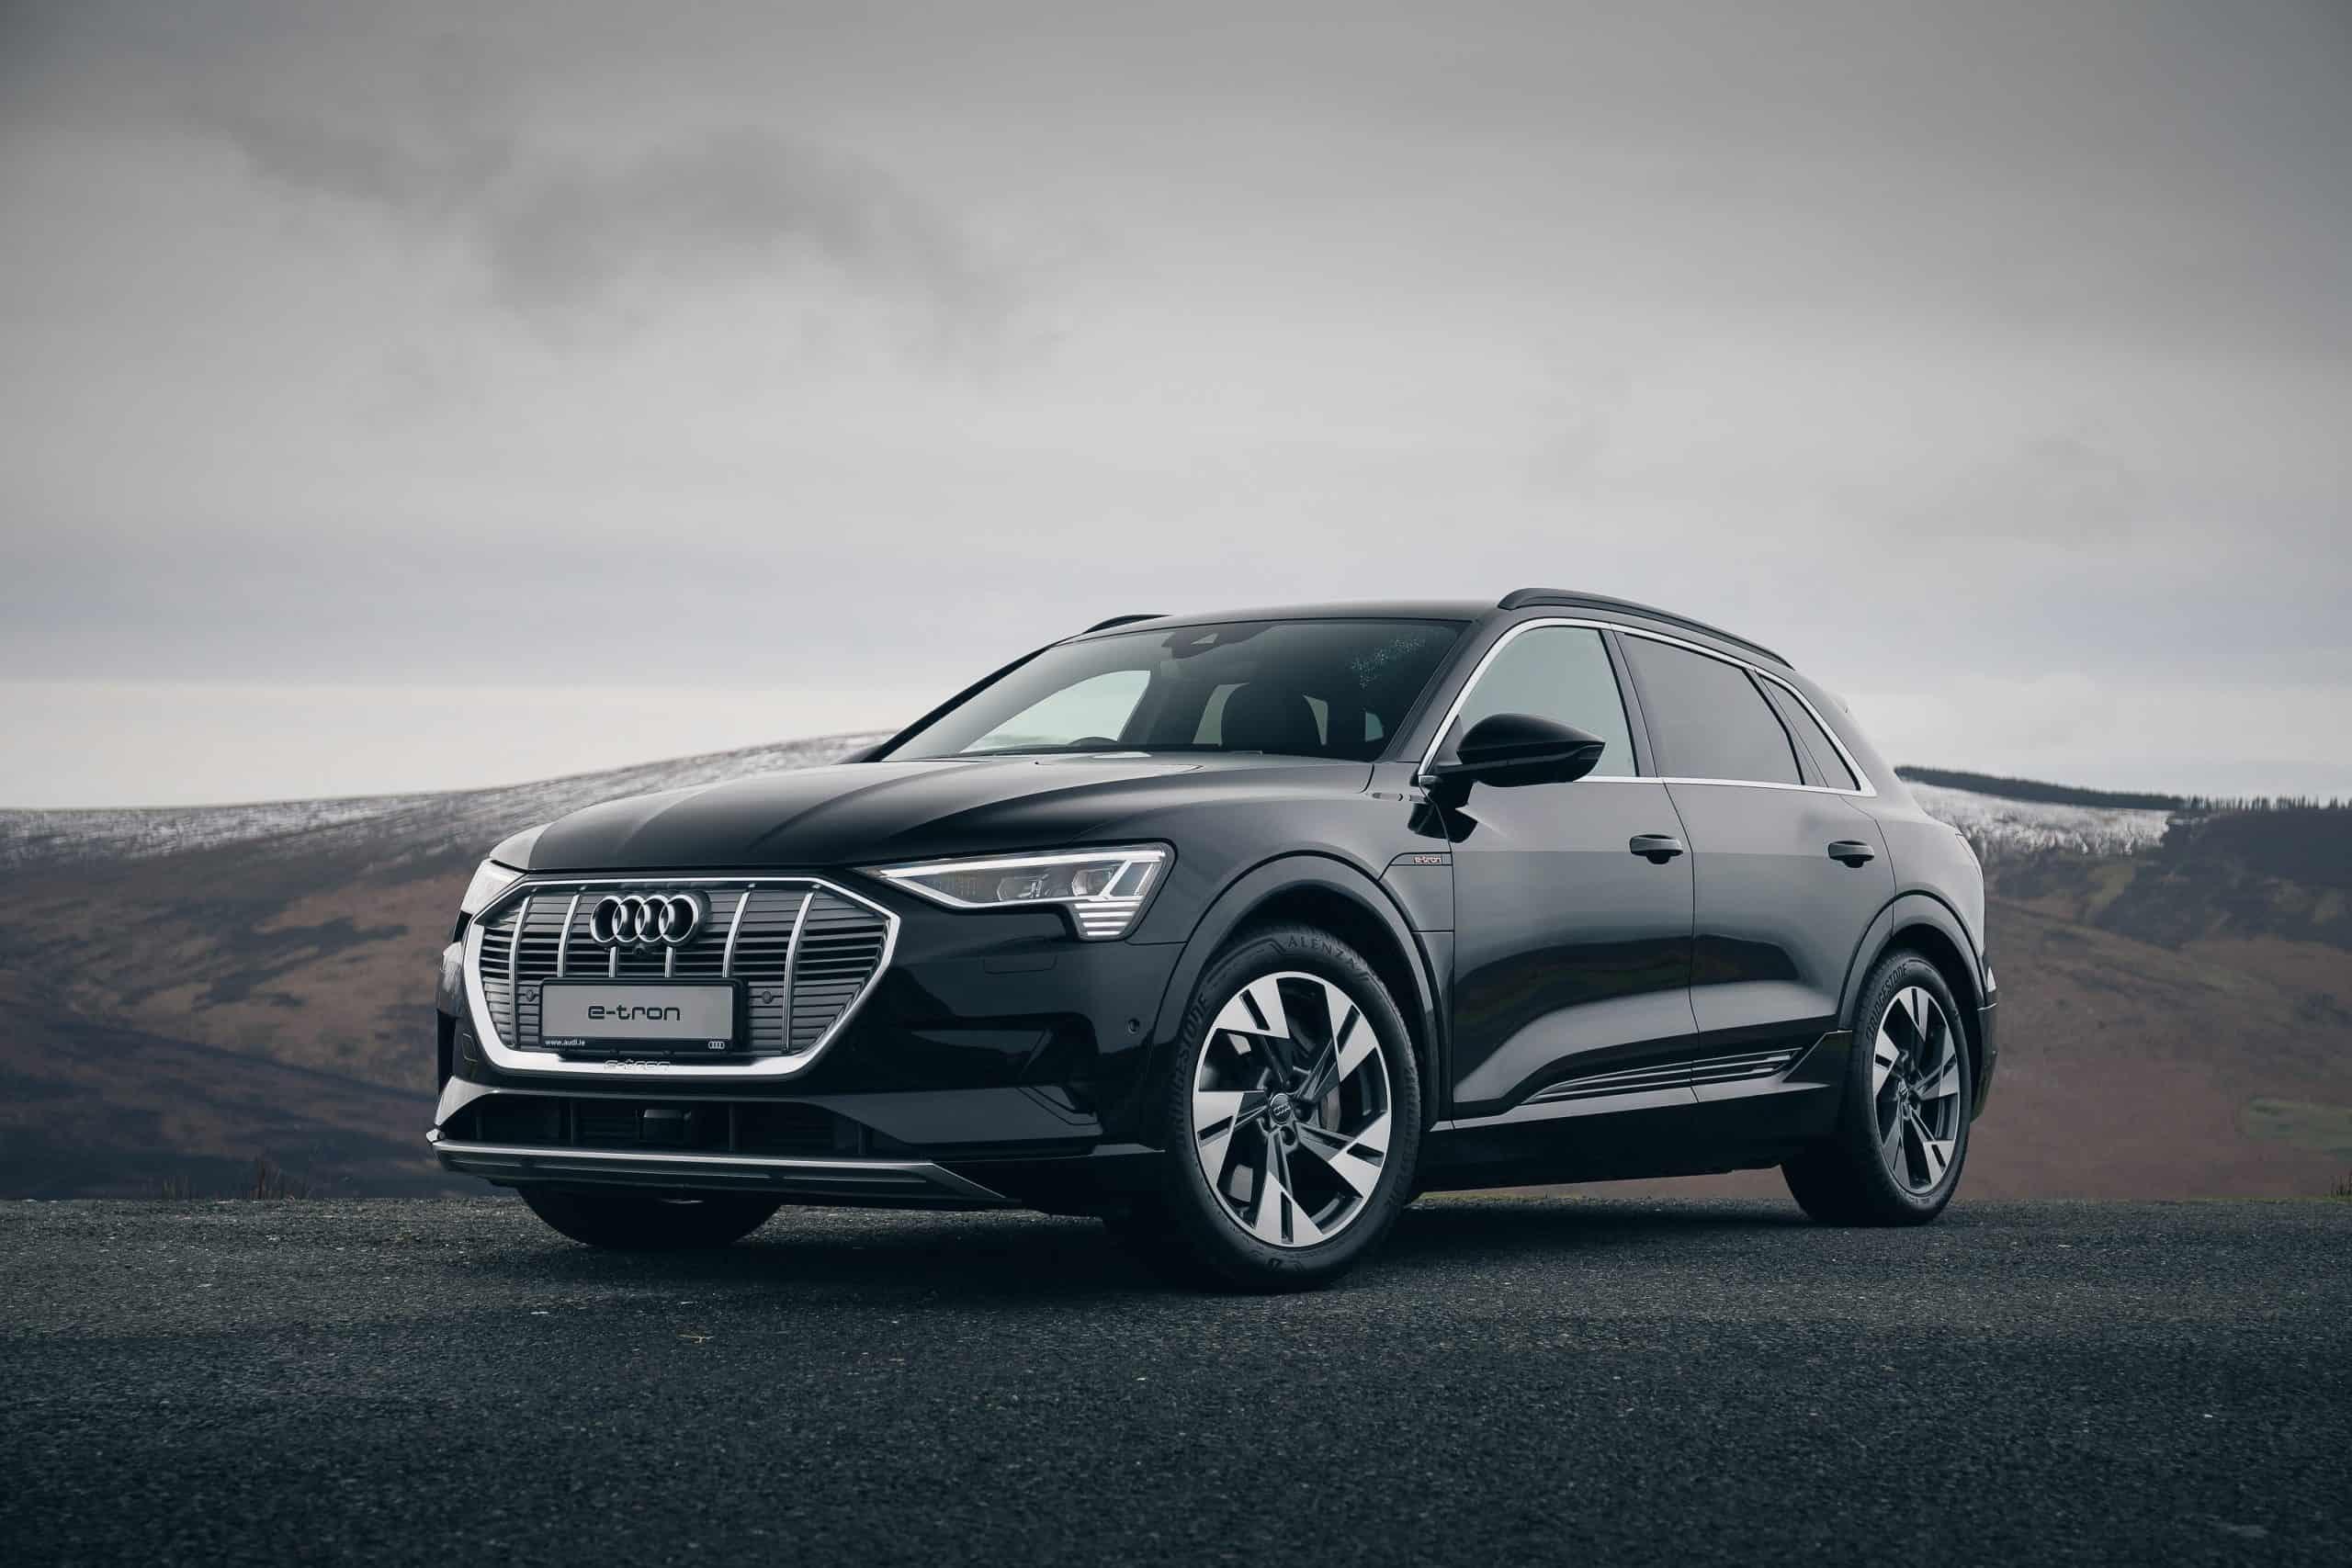 2019 Audi e-tron - Paddy McGrath